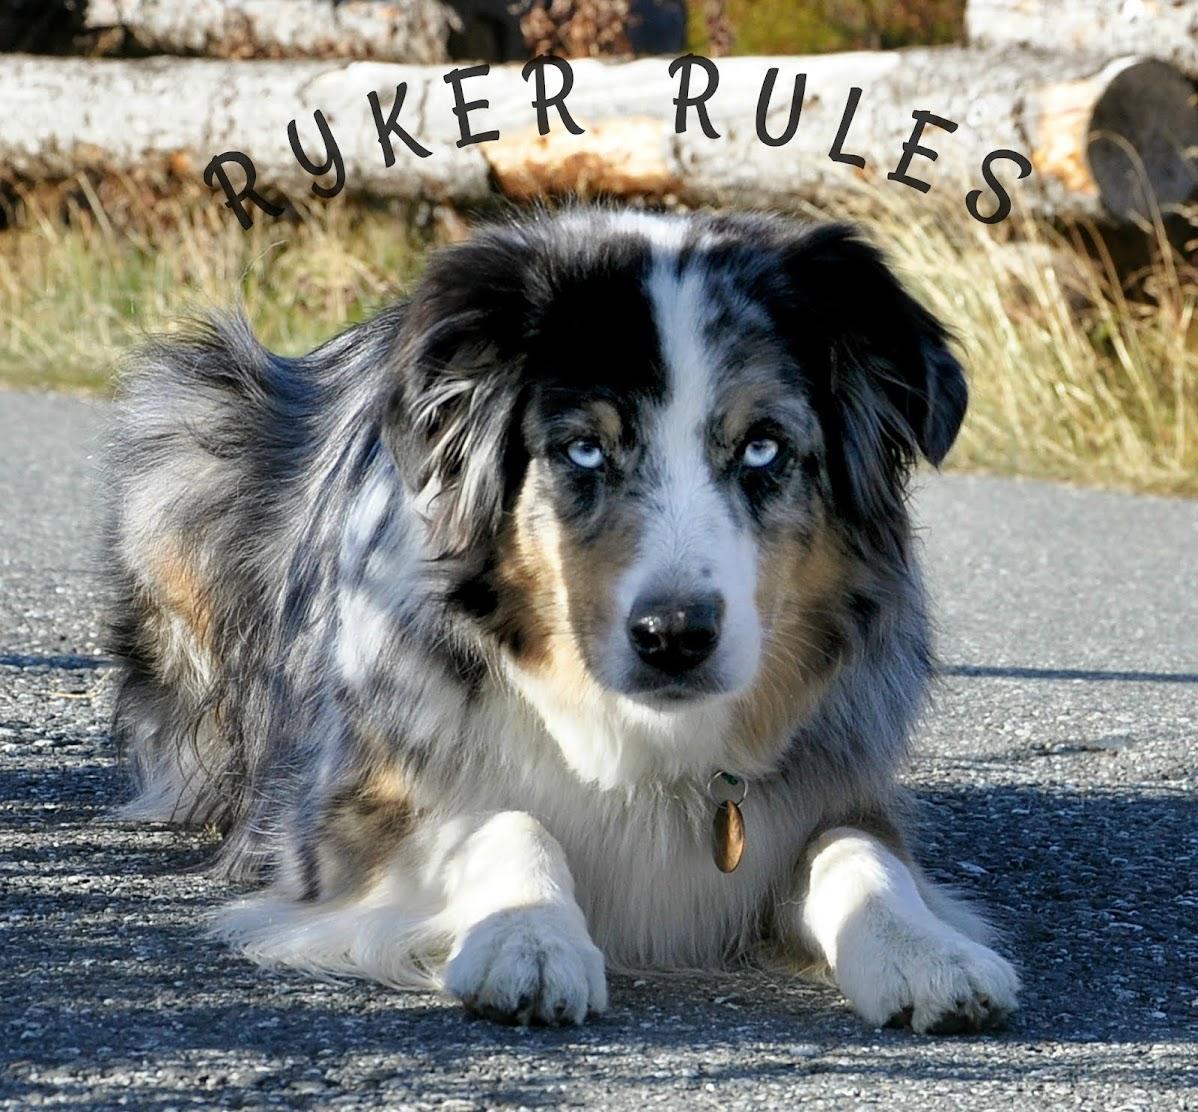 Ryker Rules Alaska